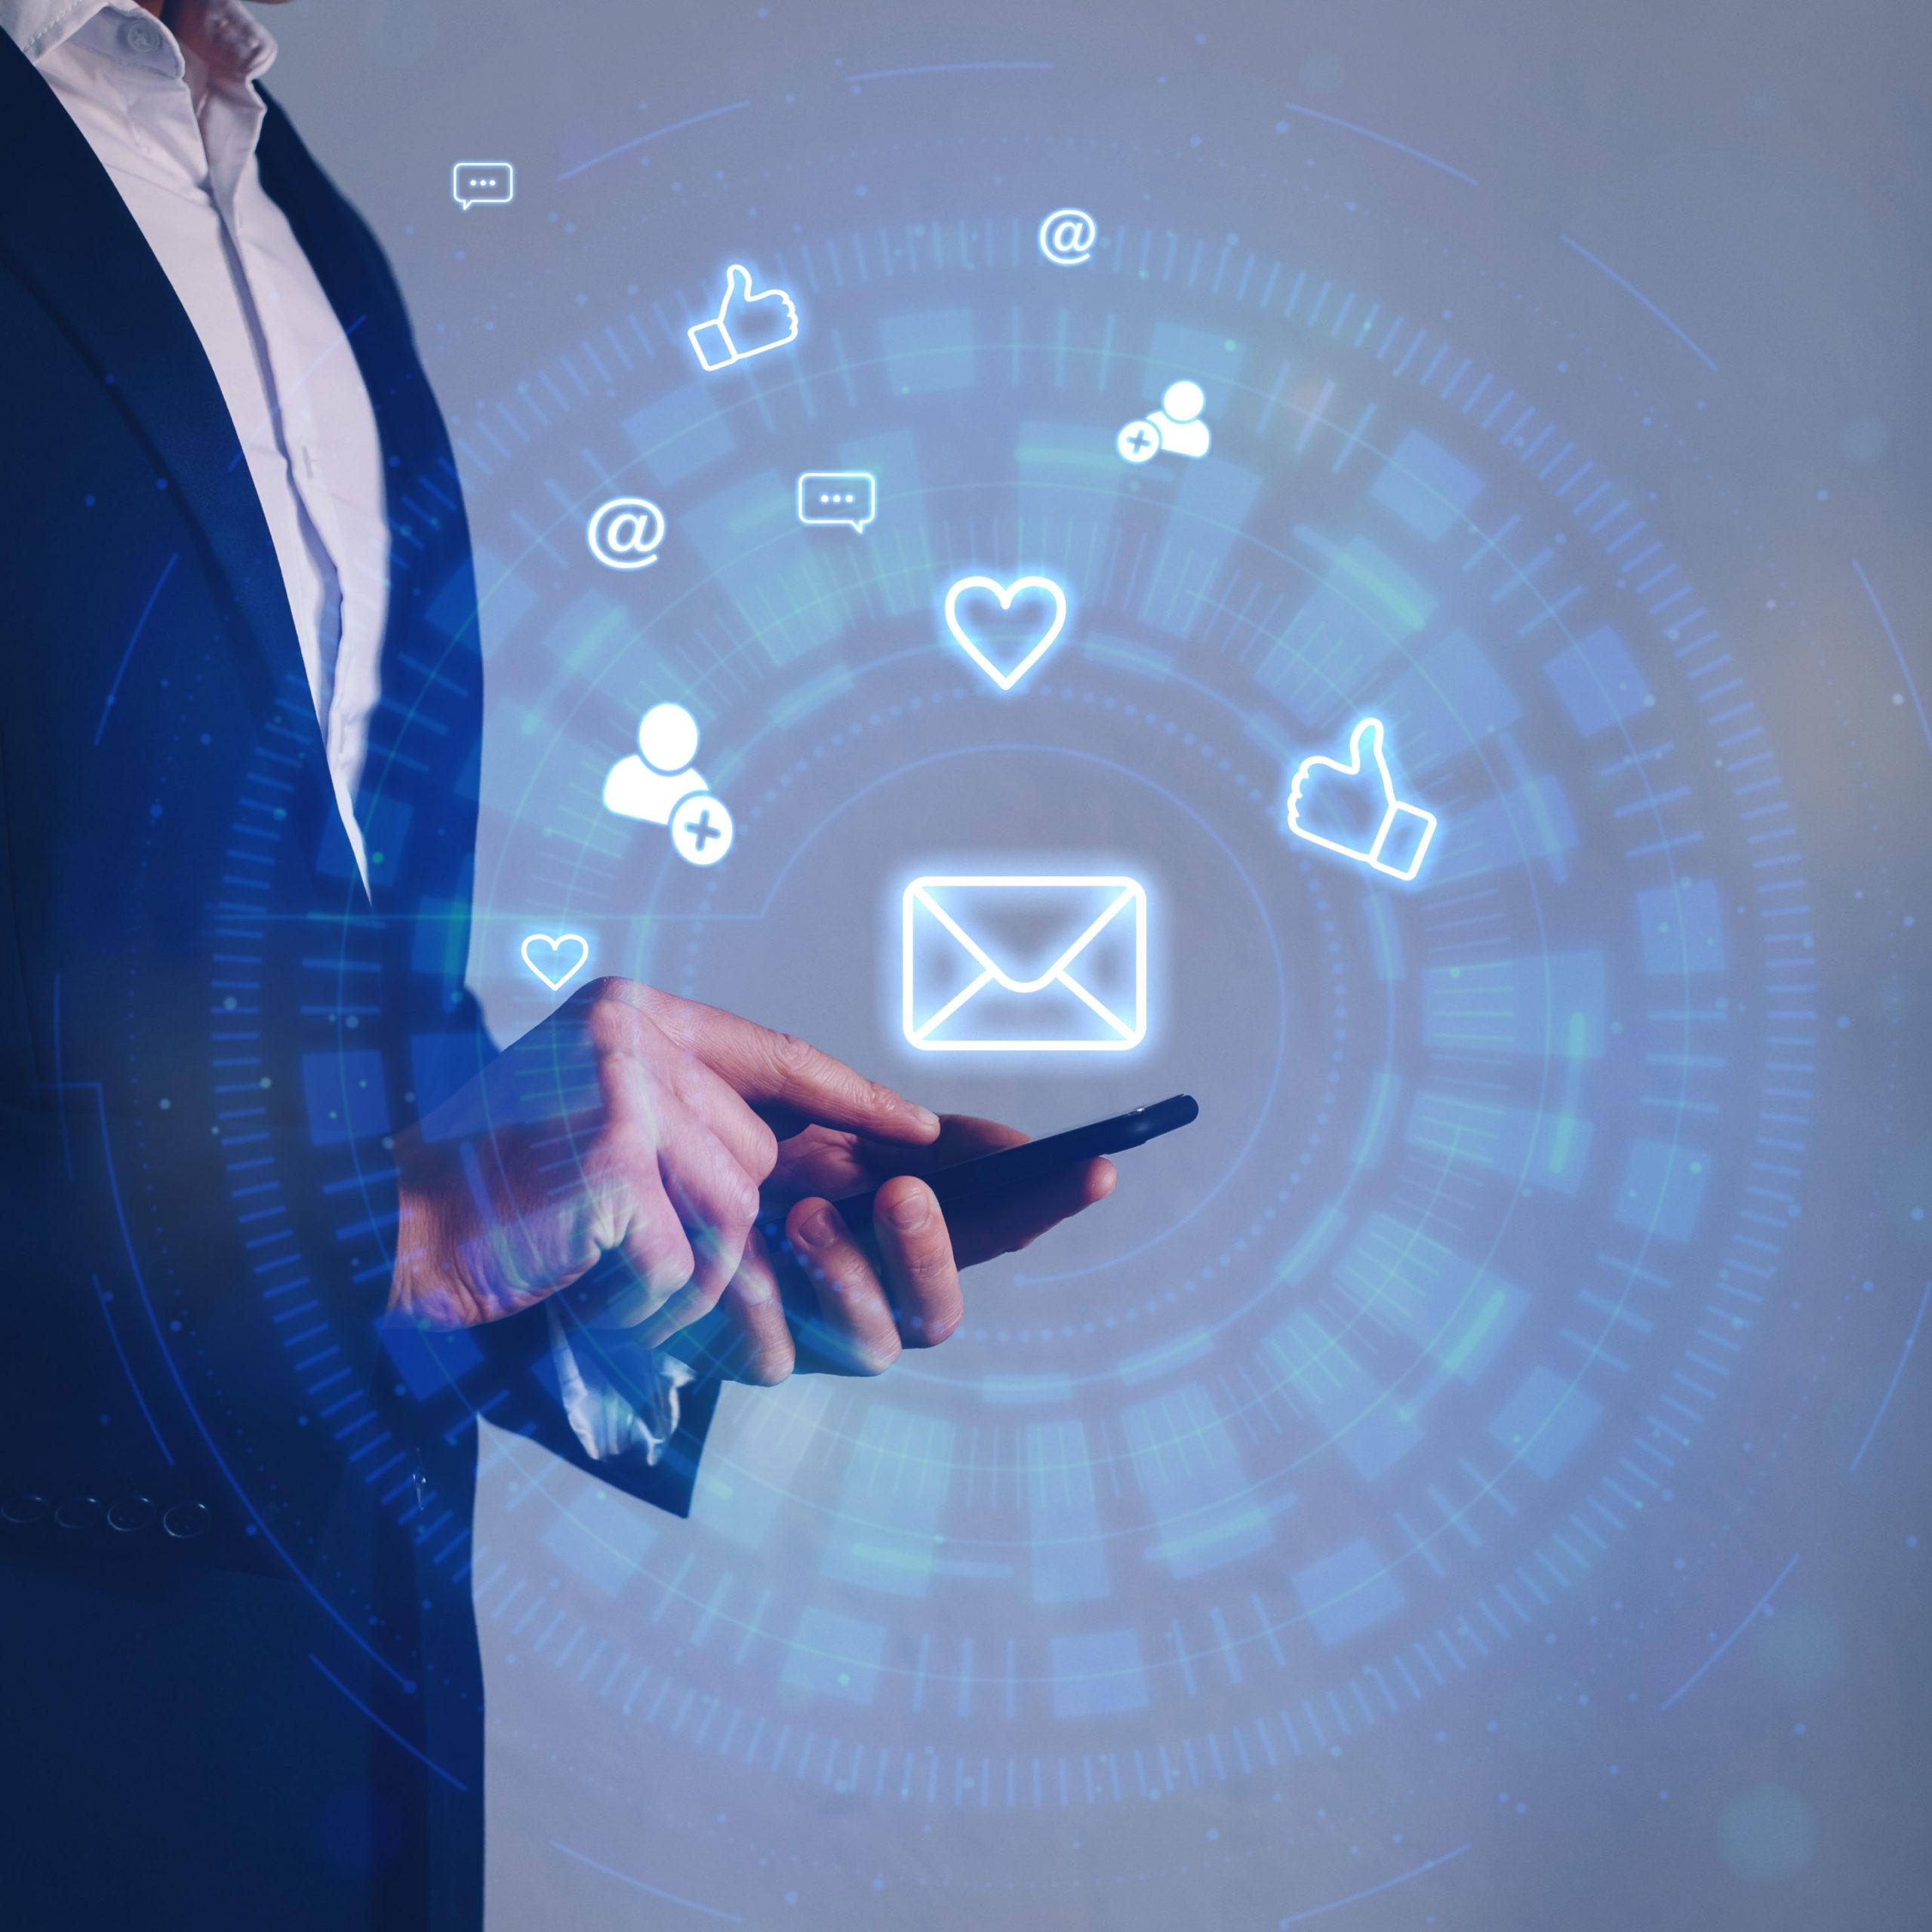 ondernemer neemt contact op over website